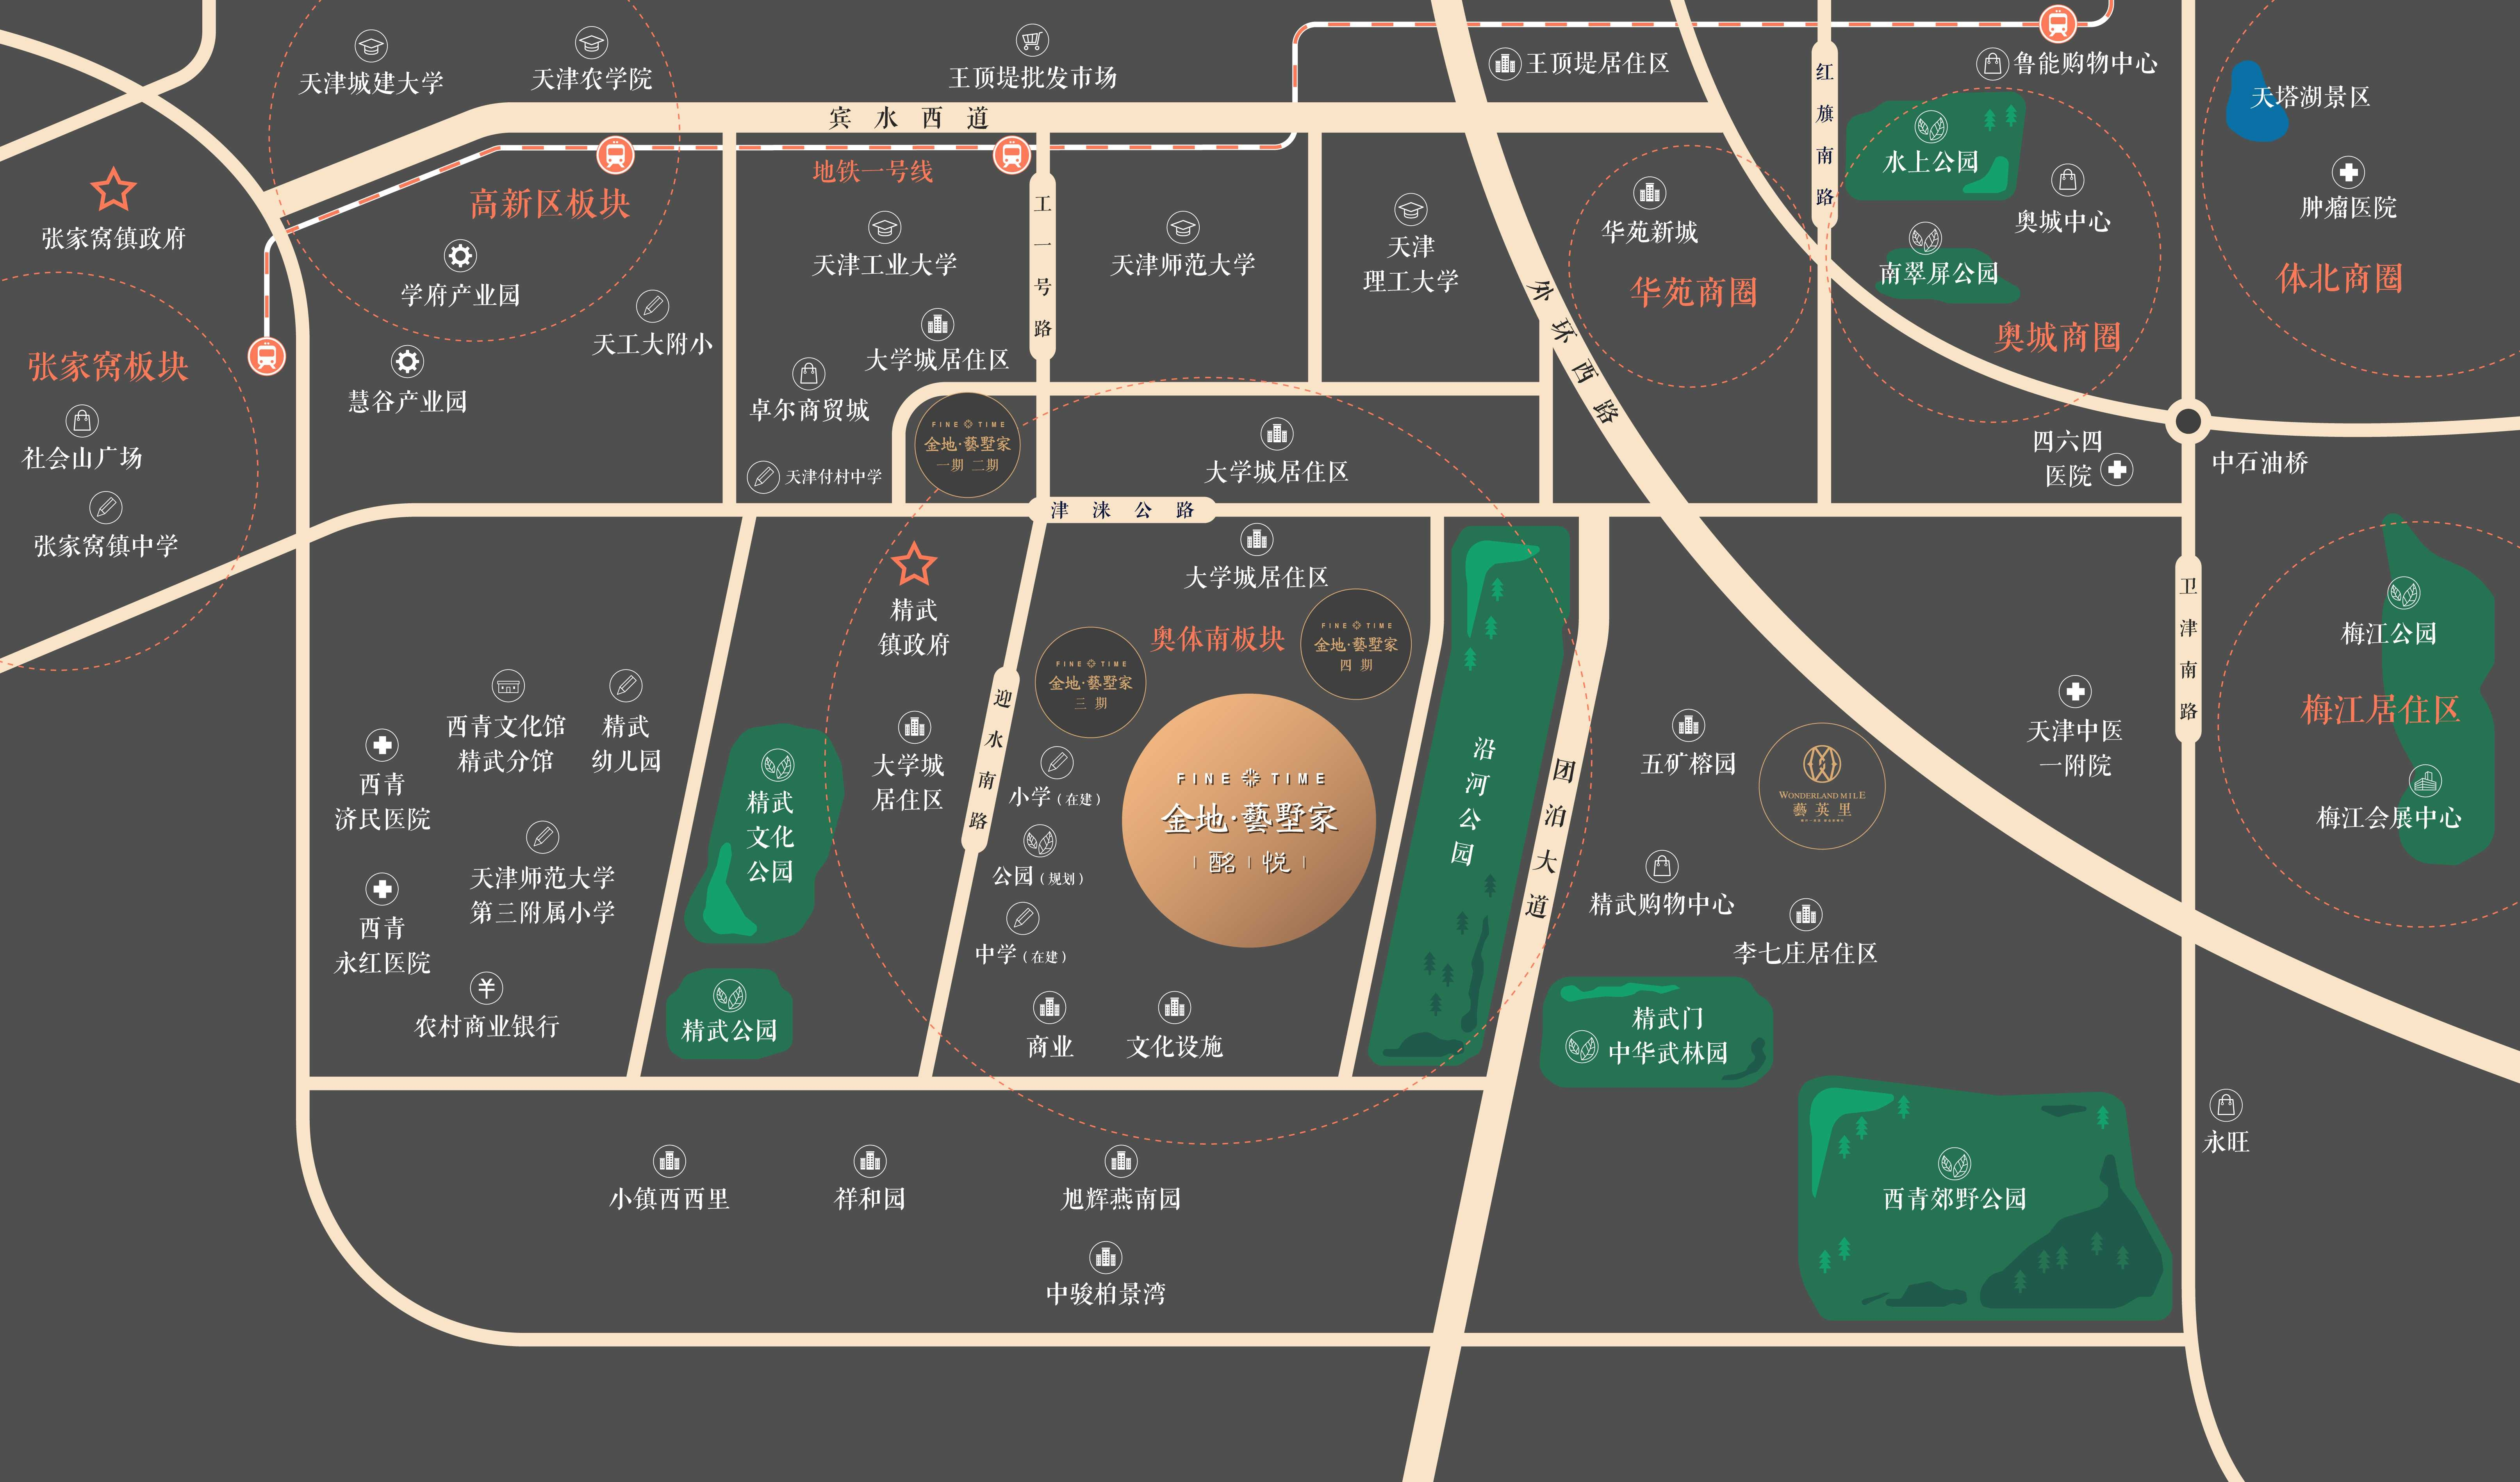 金地藝墅家·酩悦交通图